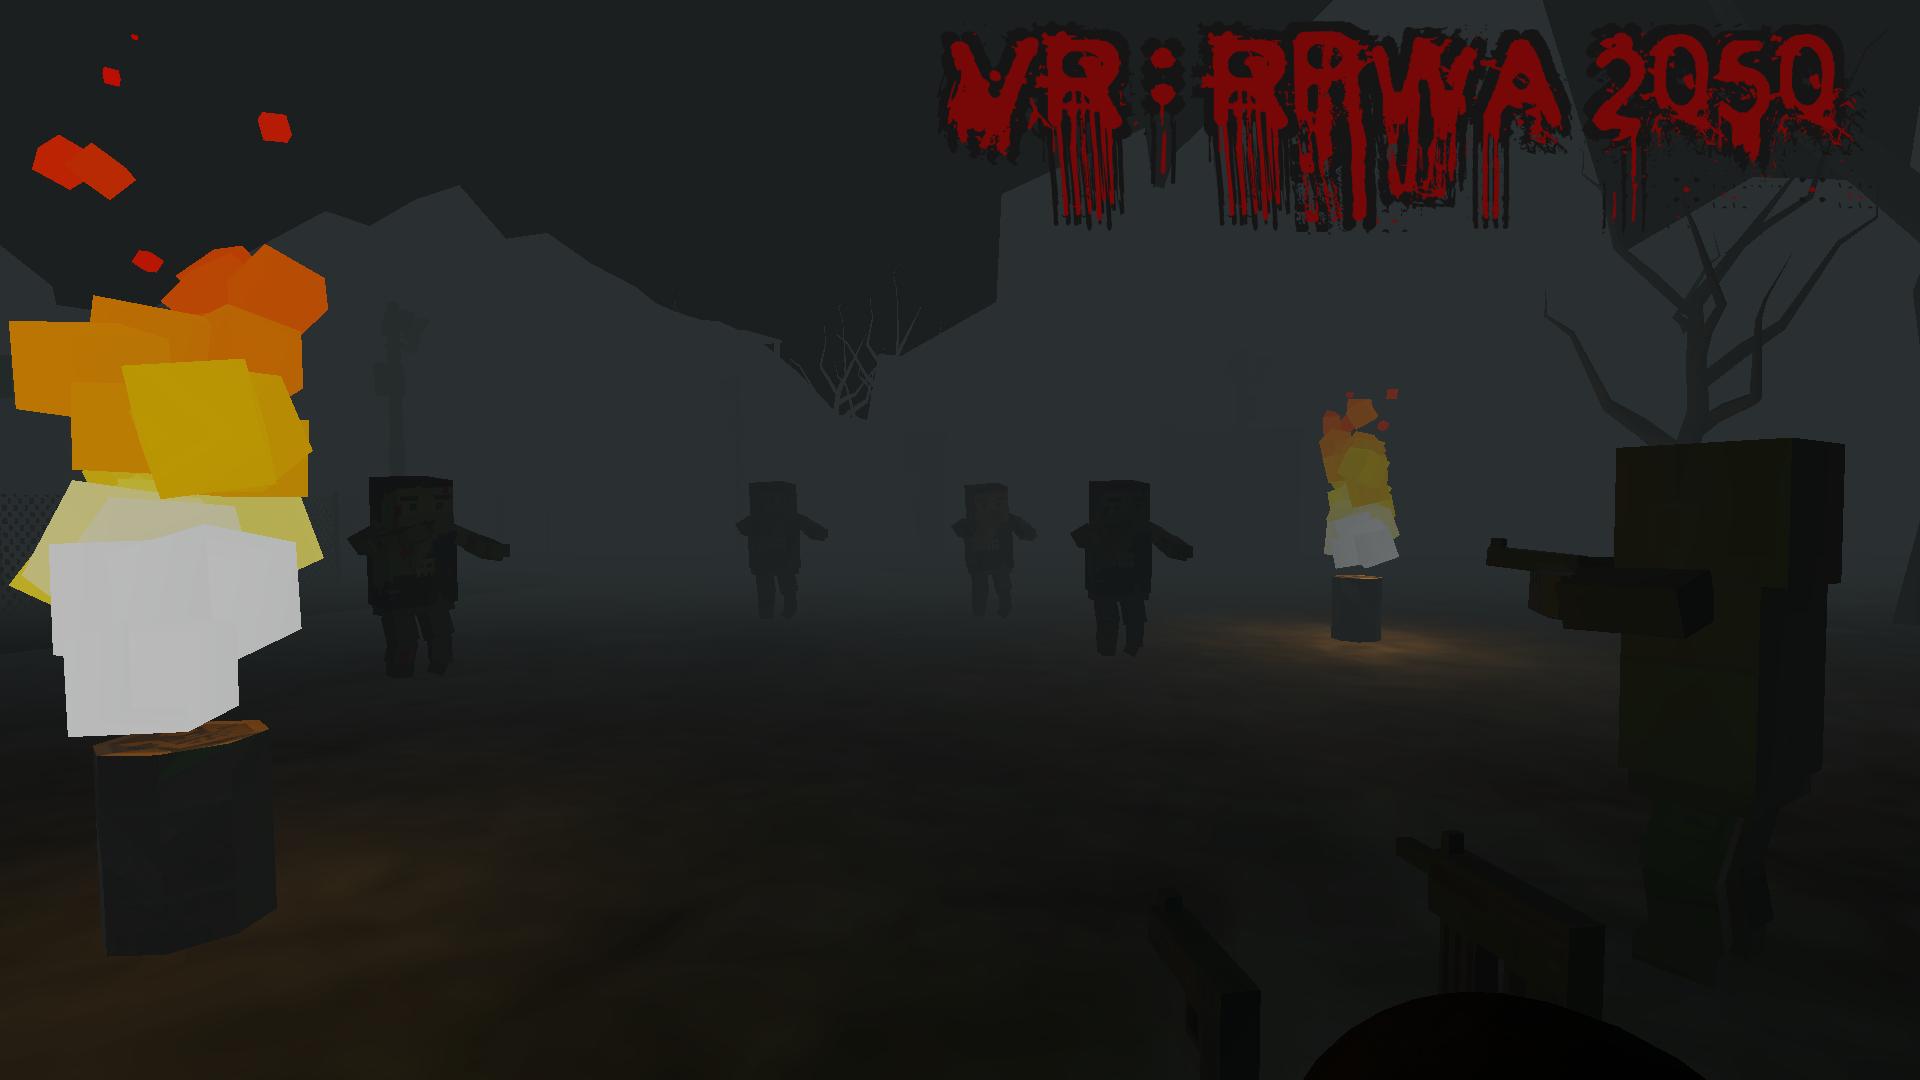 VR : RPWA 2050